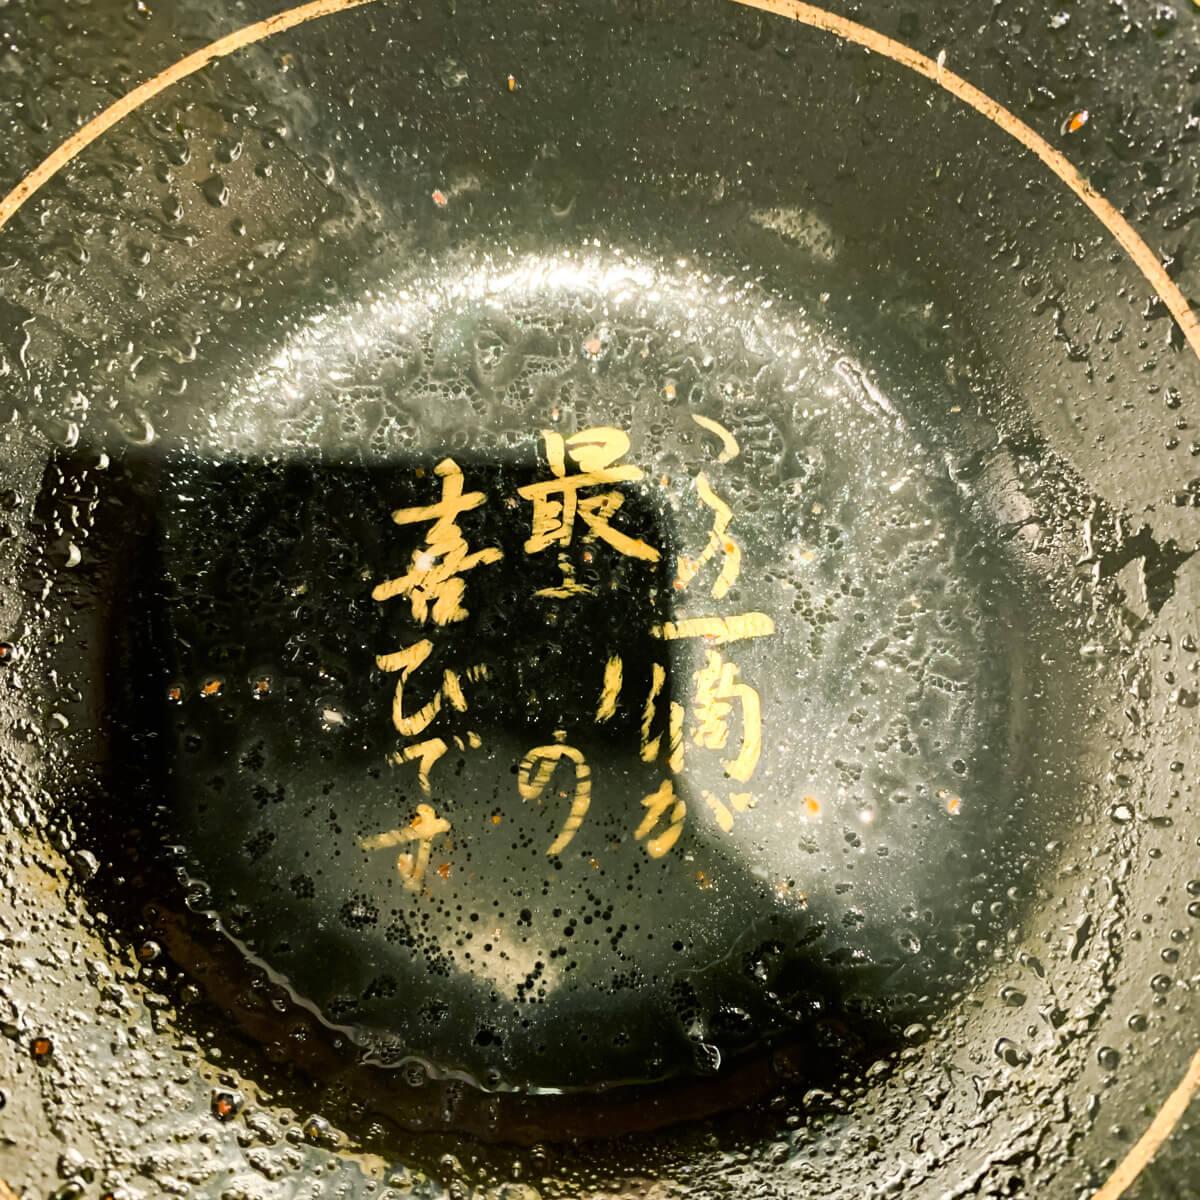 ichiran-kodomo-muryou8